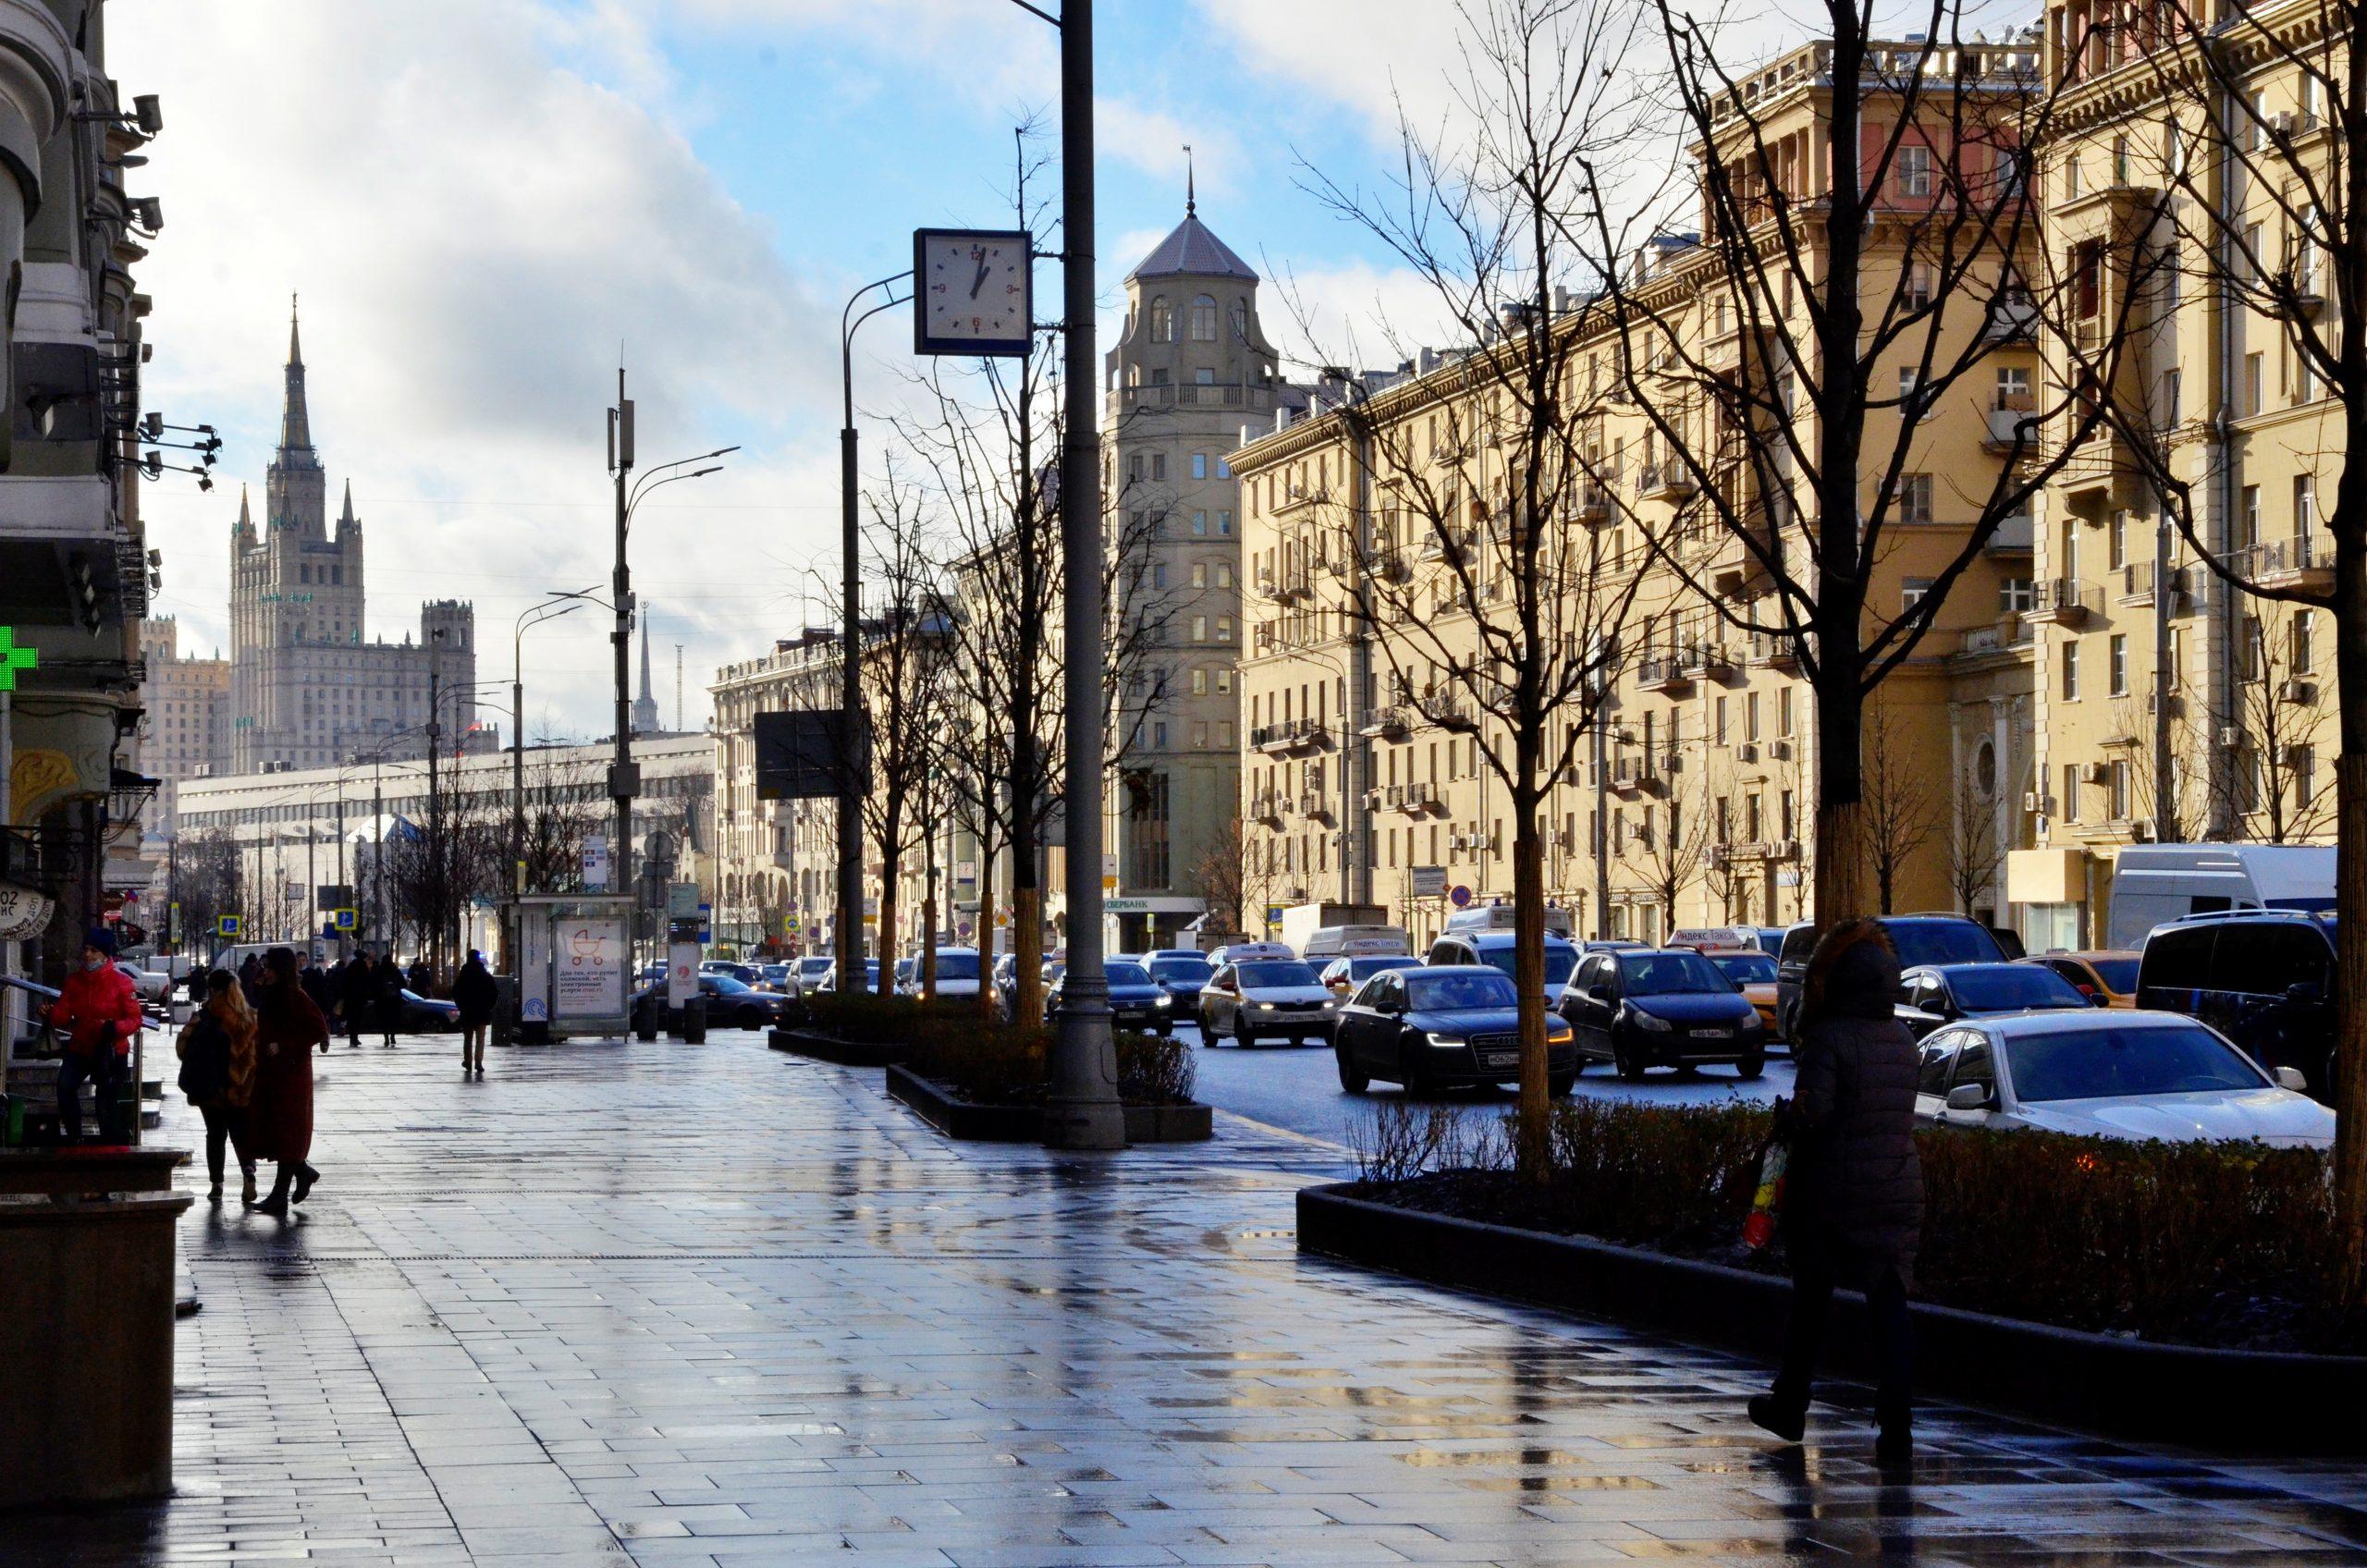 Обеспечение безопасности массовых мероприятий обсудили на расширенном совещании в Москве. Фото: Анна Быкова